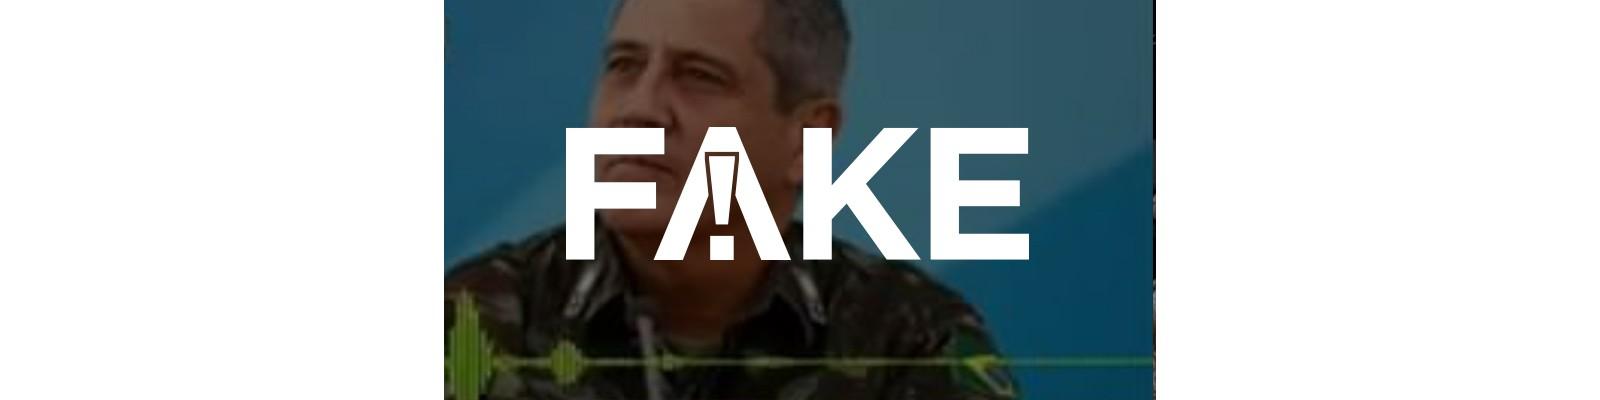 É #FAKE que general Braga Netto seja autor de áudio que defende intervenção militar